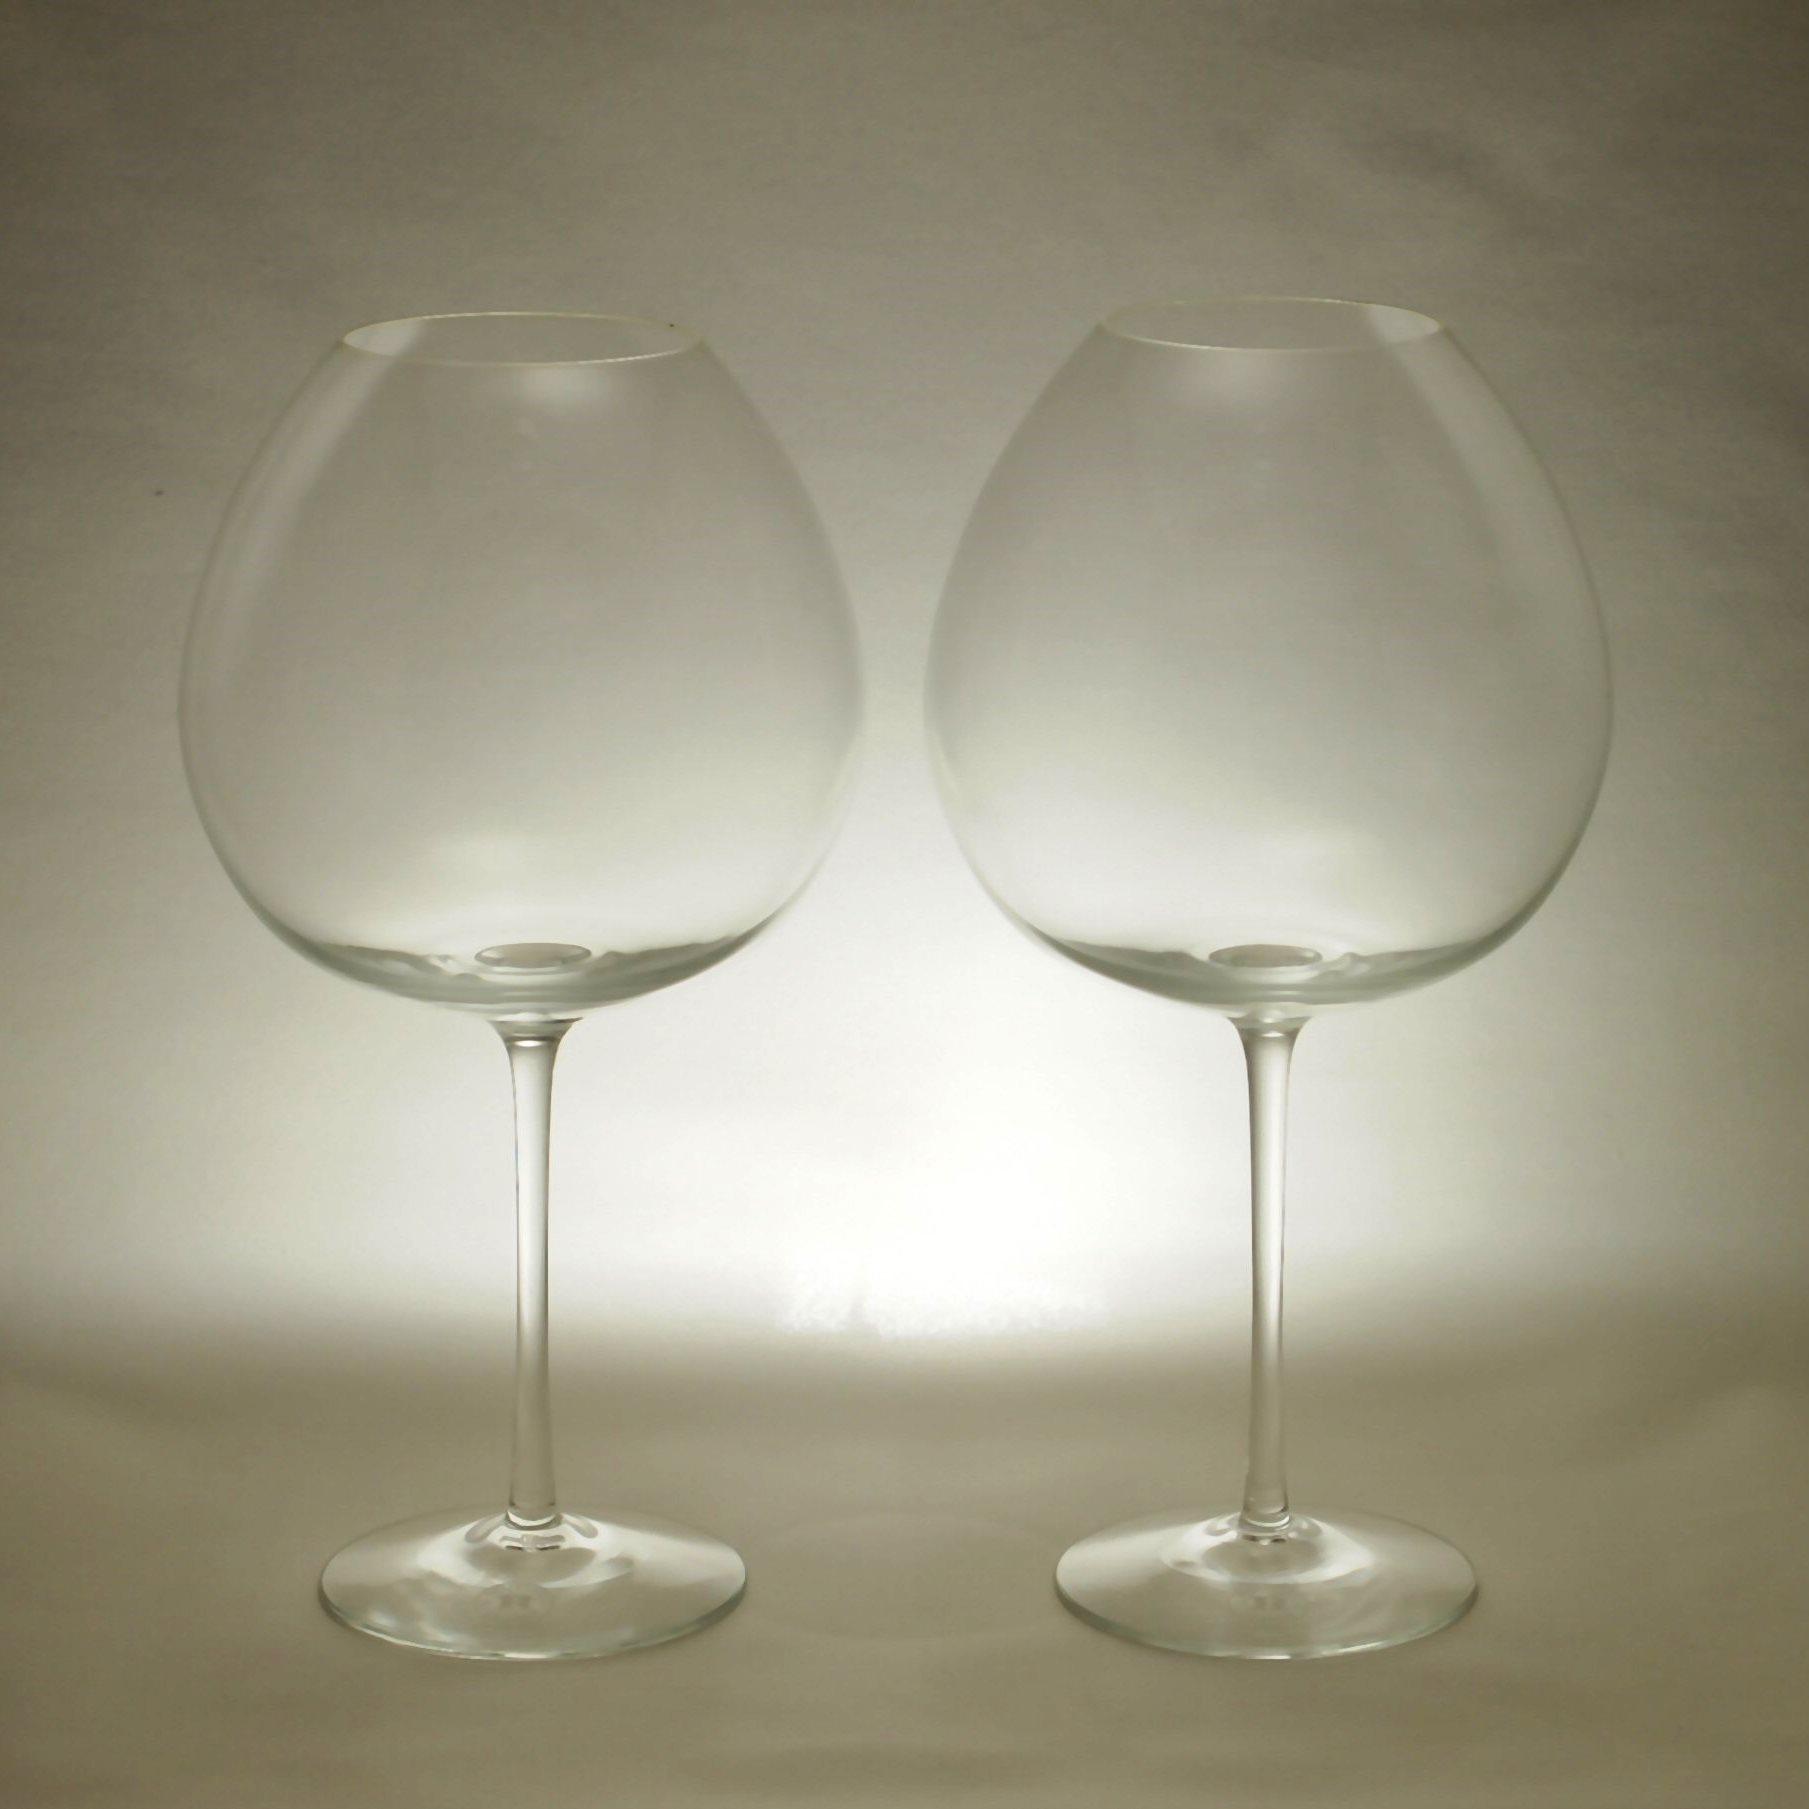 レイミューラー ジューリン 赤ワイングラス ペアセット REIJMYRE Juhlin Red Wine Glass Pair Set